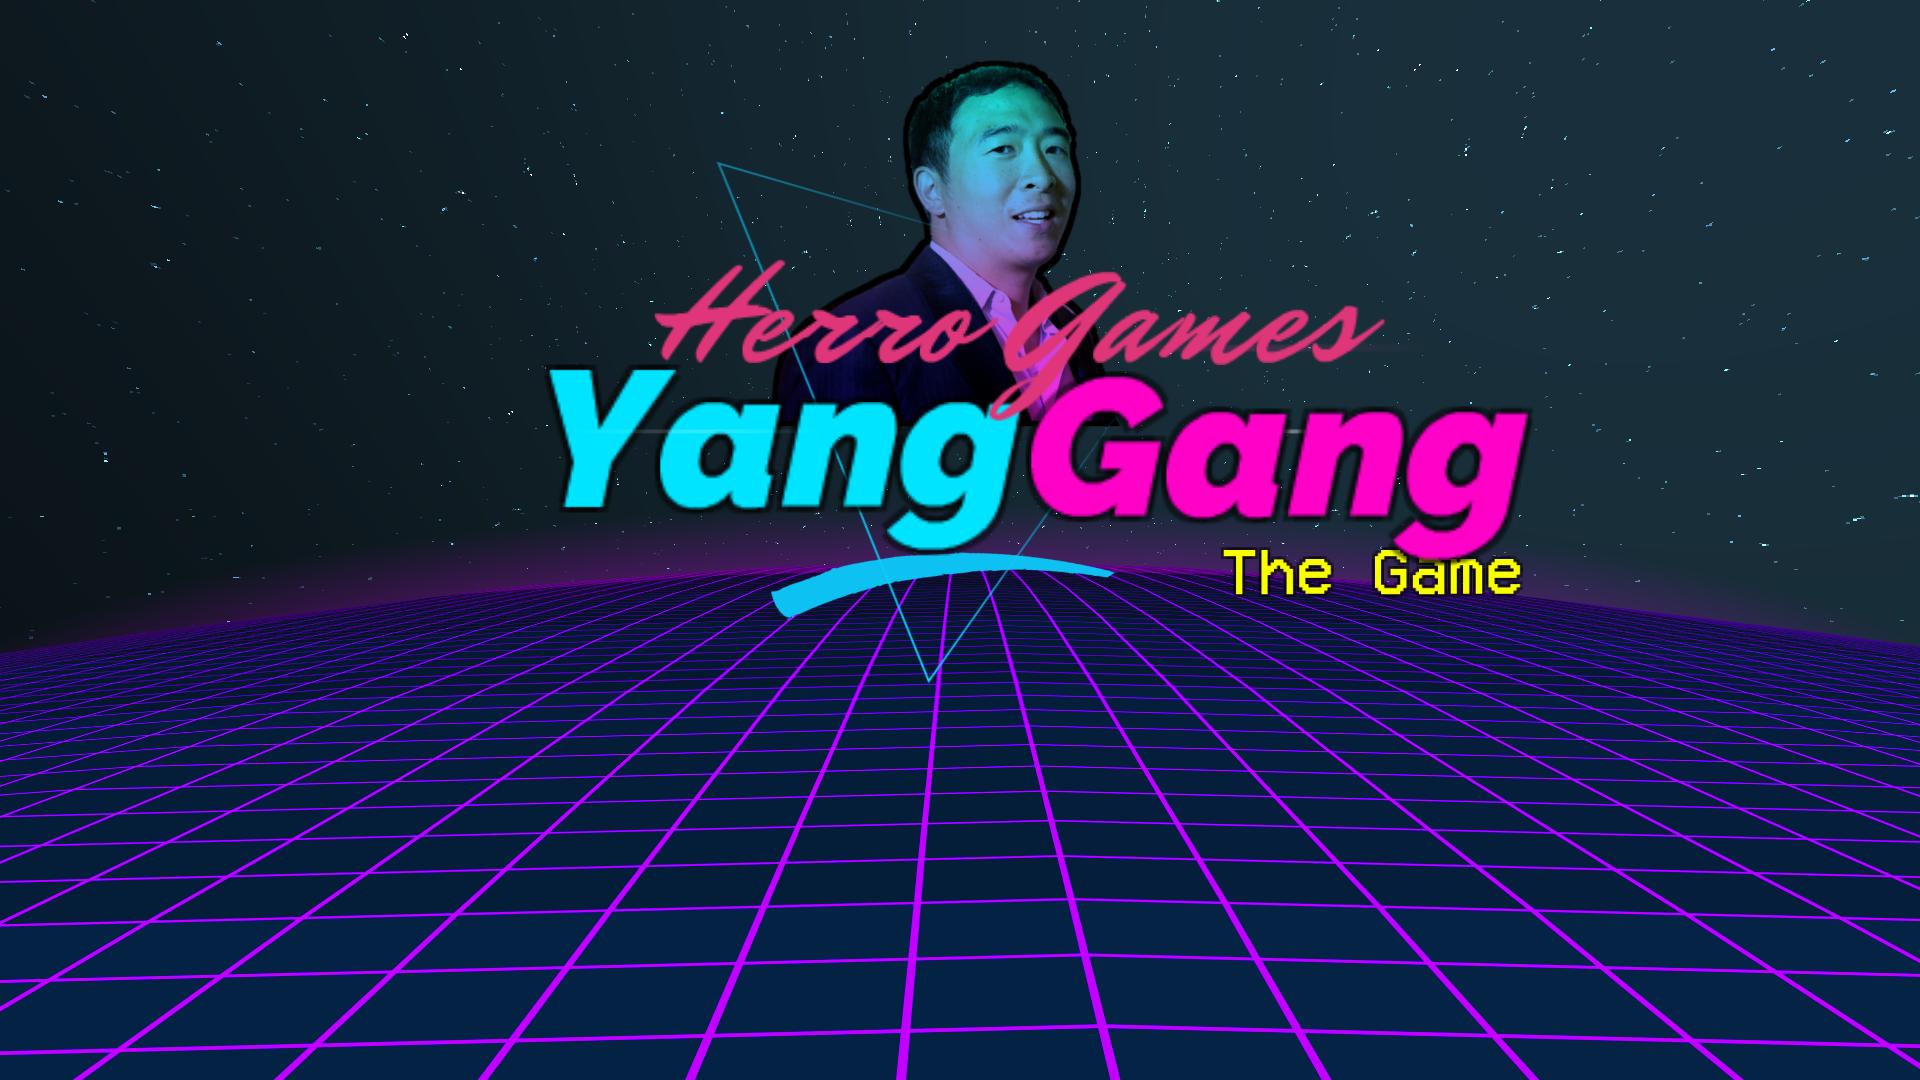 Yang Gang The Game